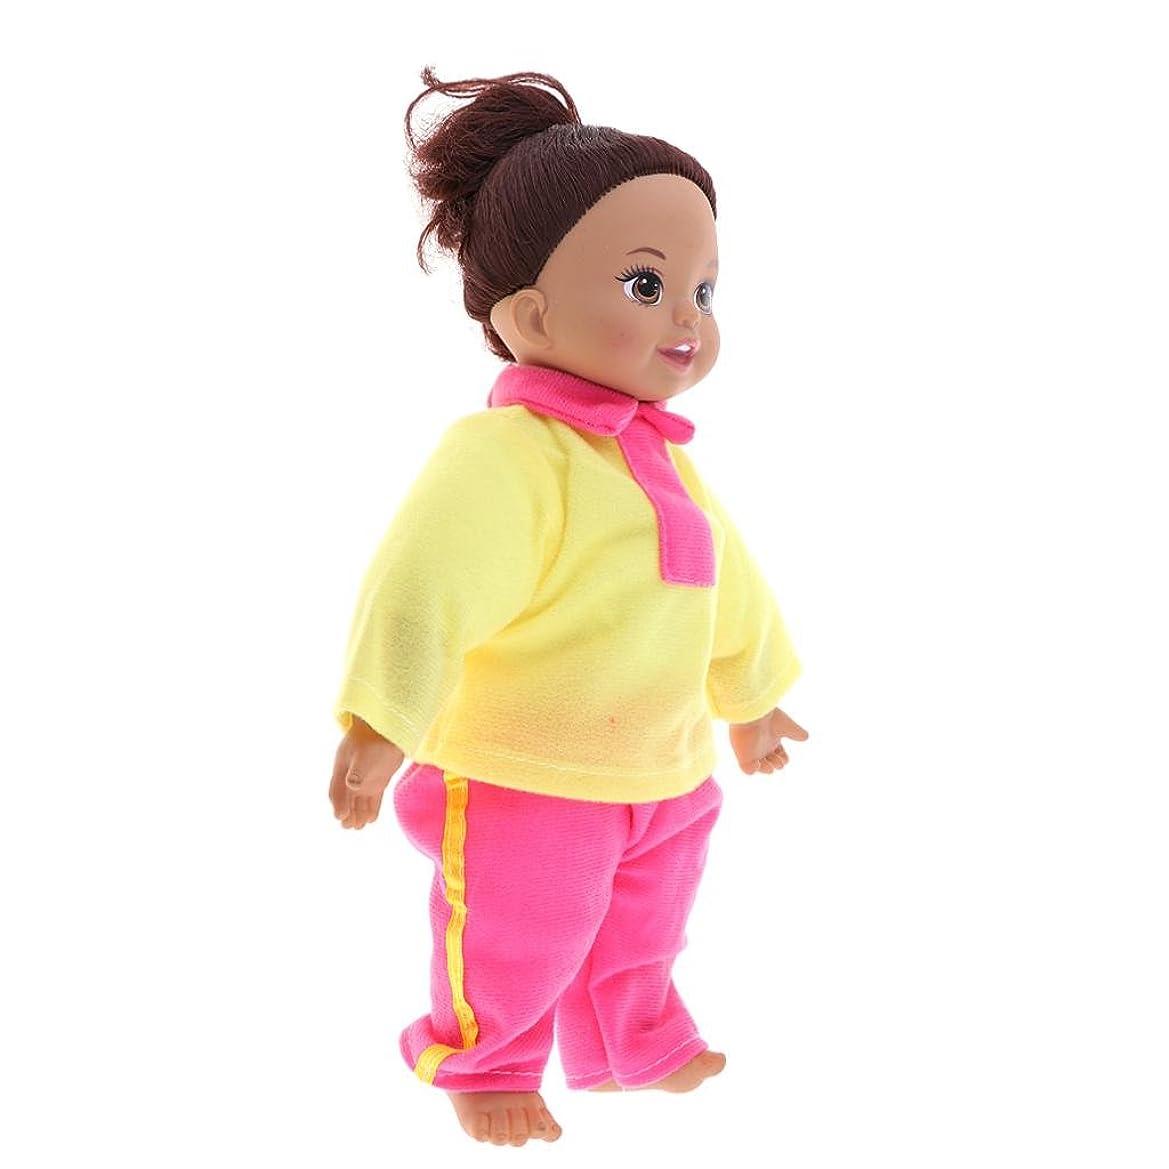 しわくま読書人形 ドール 赤ちゃんドール 赤ちゃん人形 新生児ドール 抱き人形 高さ約31cm 教育玩具